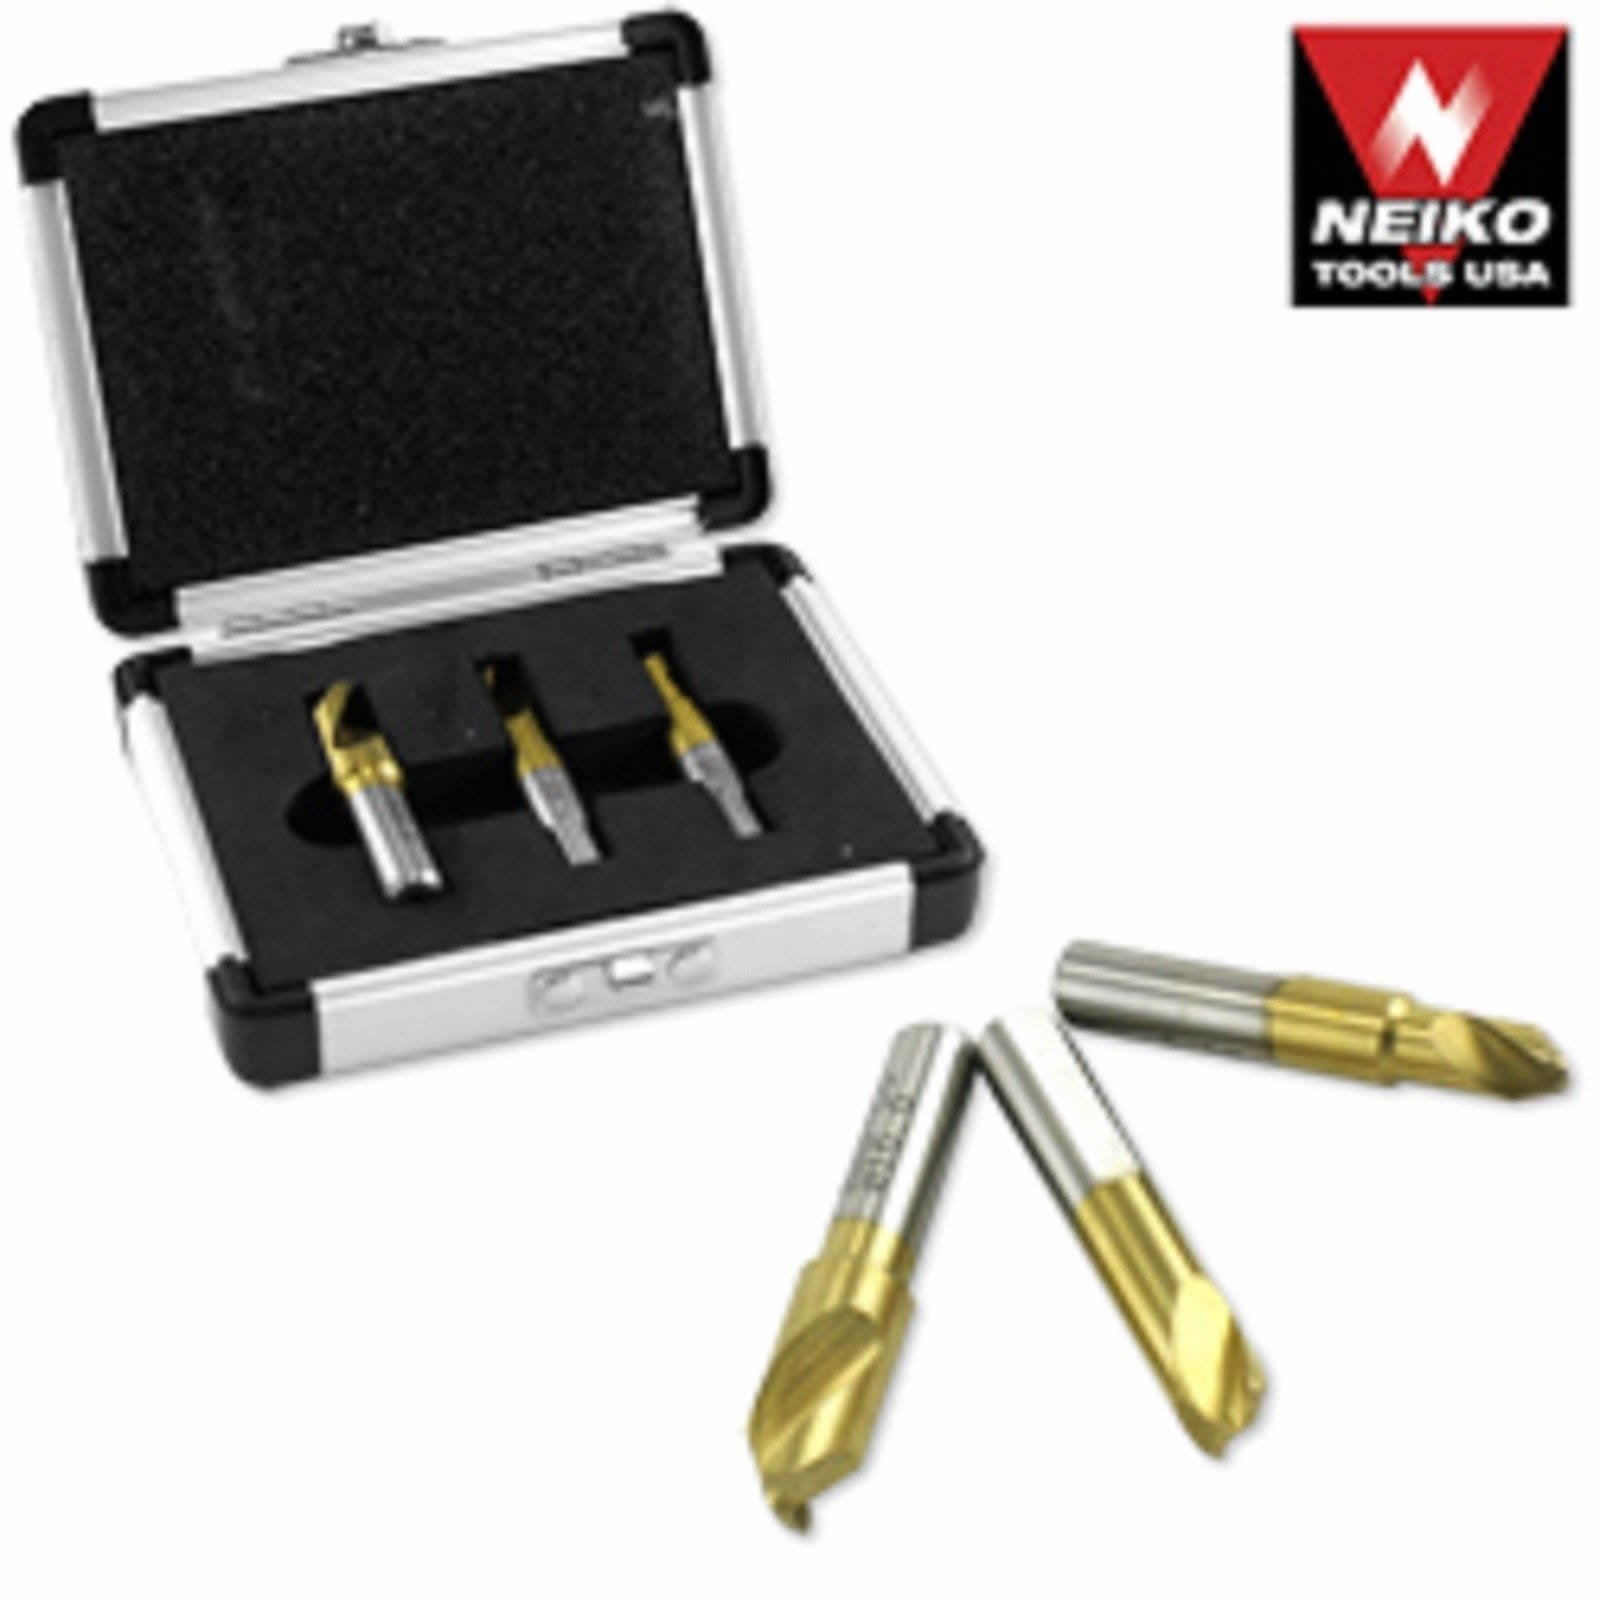 3 Pc Hs Cobalt Welding Spot Welder Drill Bit Set Kit Weld Cutter Cutting